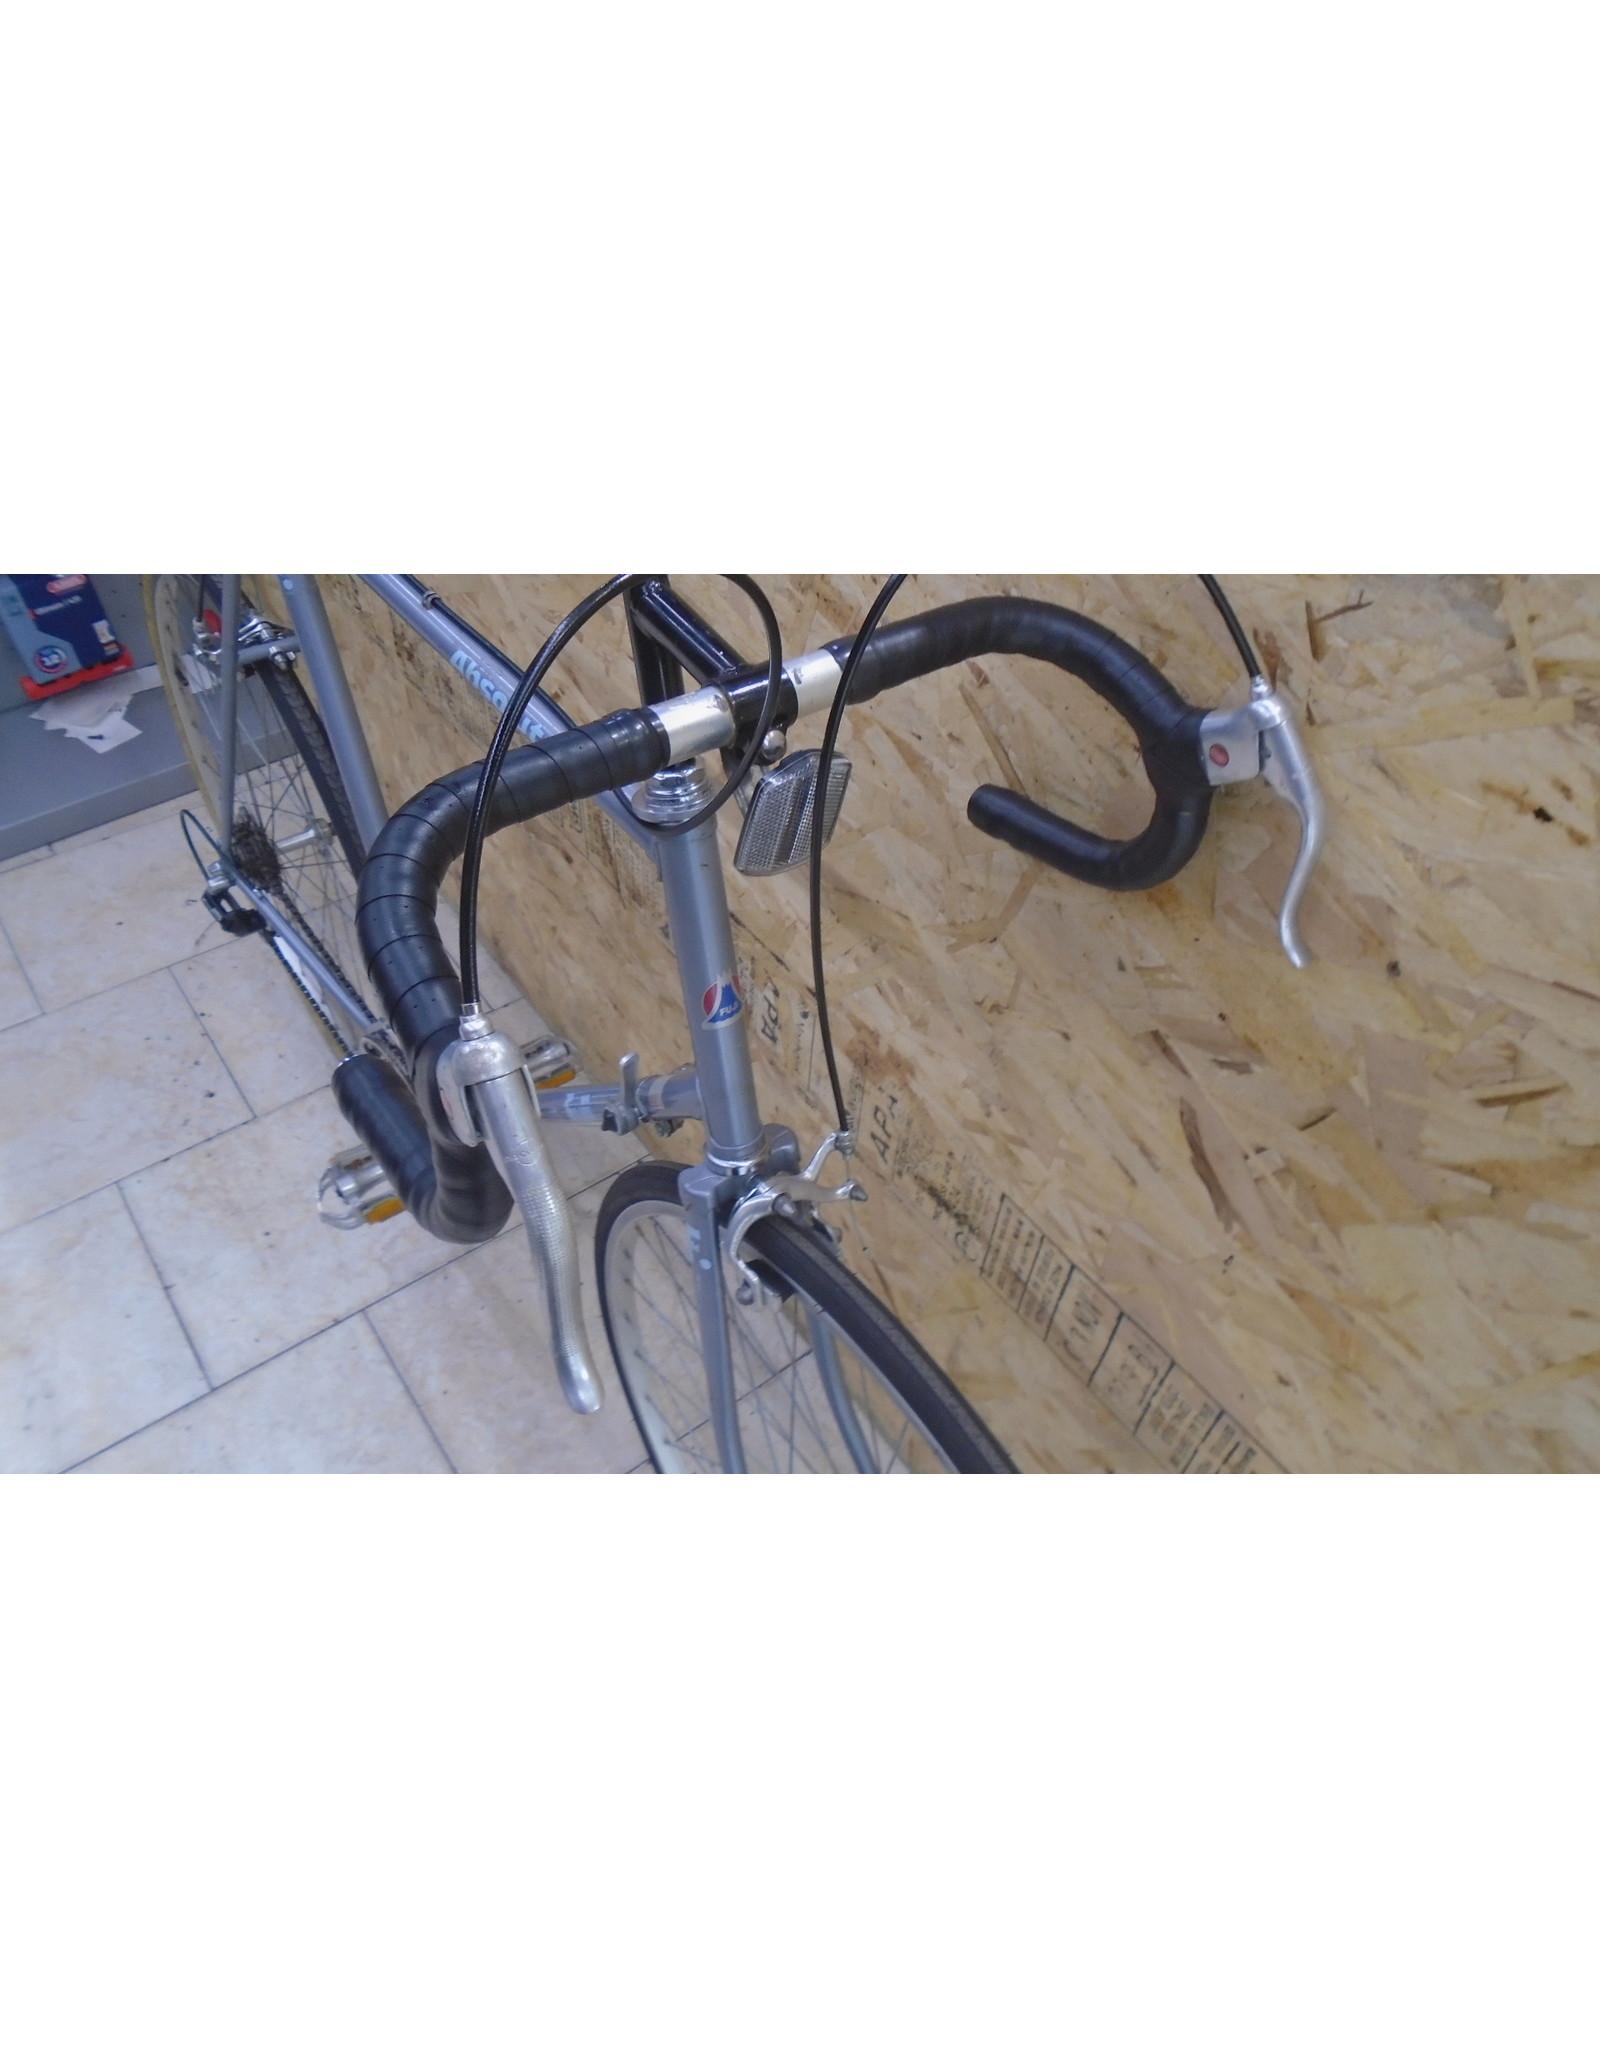 Fuji 25 '' used road bike - 10123